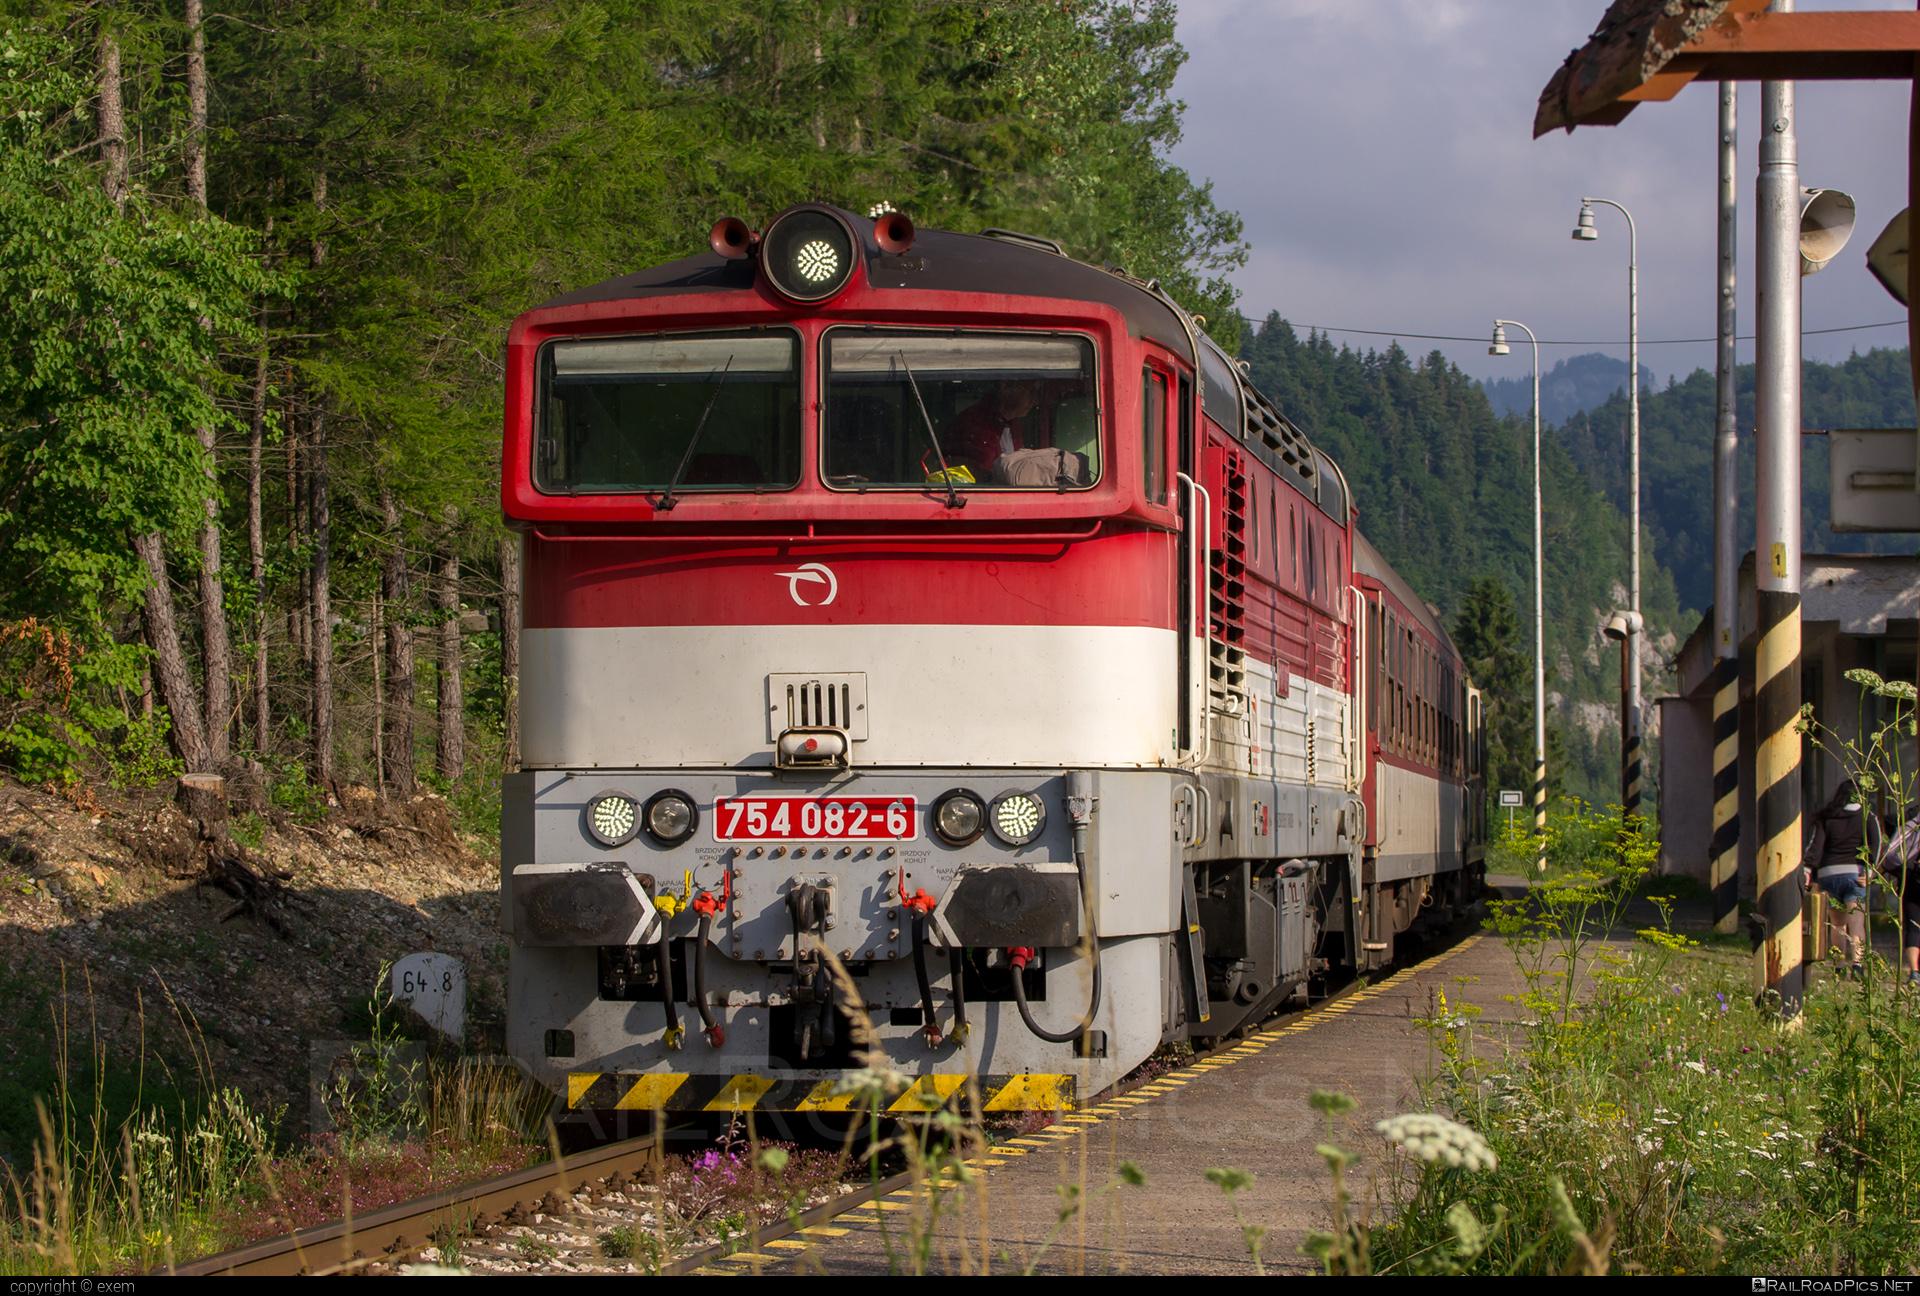 ČKD T 478.4 (754) - 754 082-6 operated by Železničná Spoločnost' Slovensko, a.s. #ZeleznicnaSpolocnostSlovensko #brejlovec #ckd #ckd4784 #ckd754 #ckdt4784 #lokomotiva754 #okuliarnik #zssk